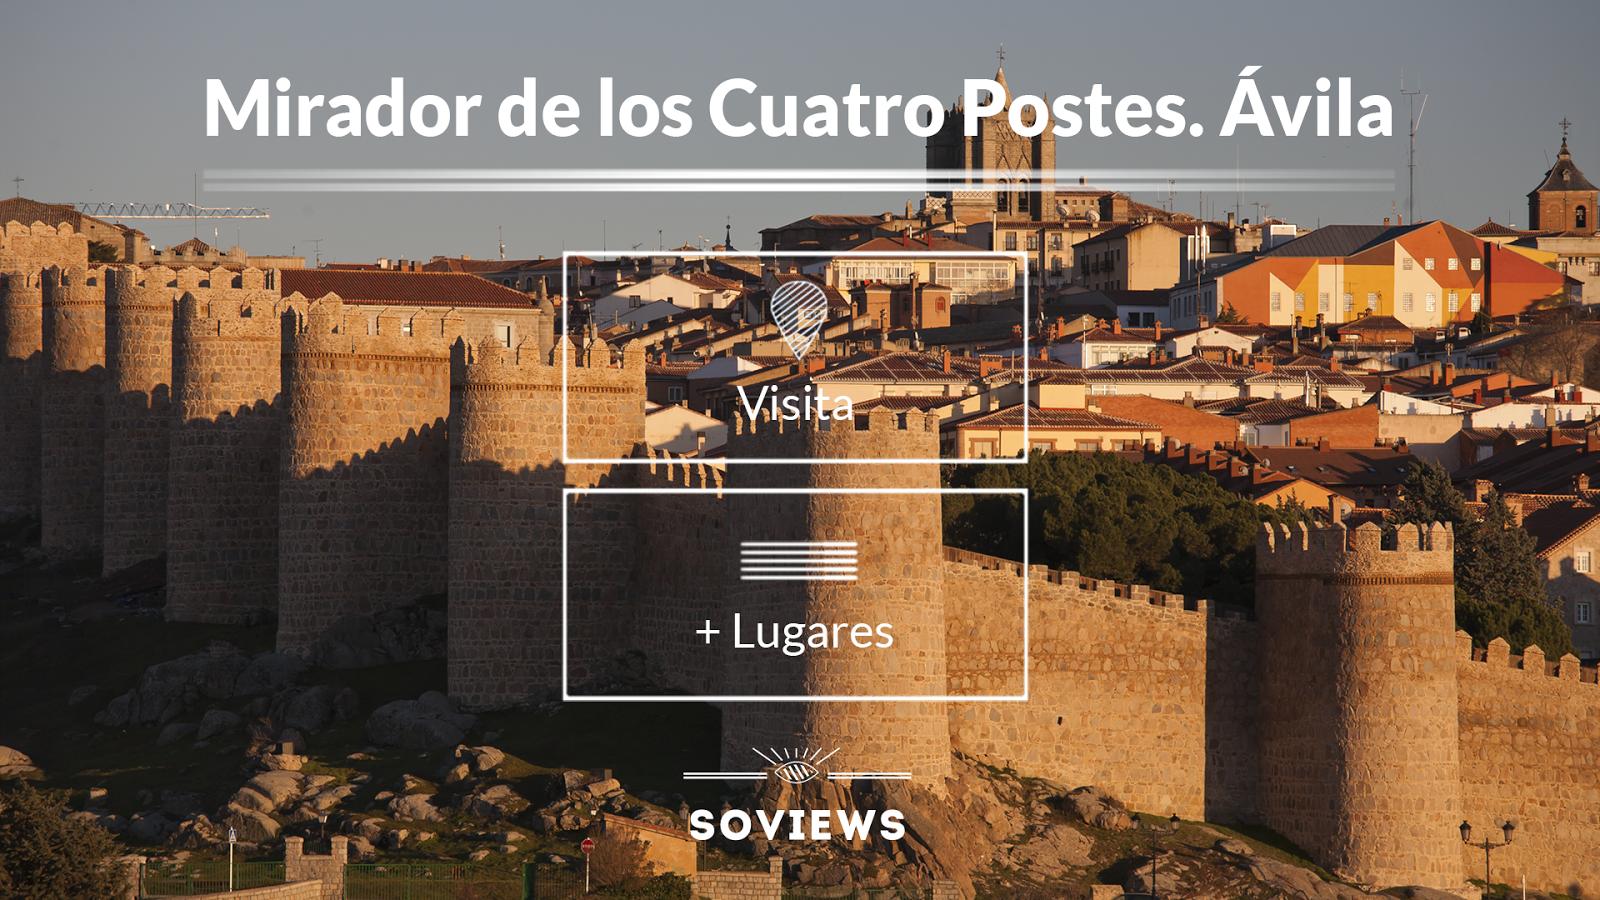 Los Cuatro Postes - Soviews - Aplicaciones de Android en Google Play